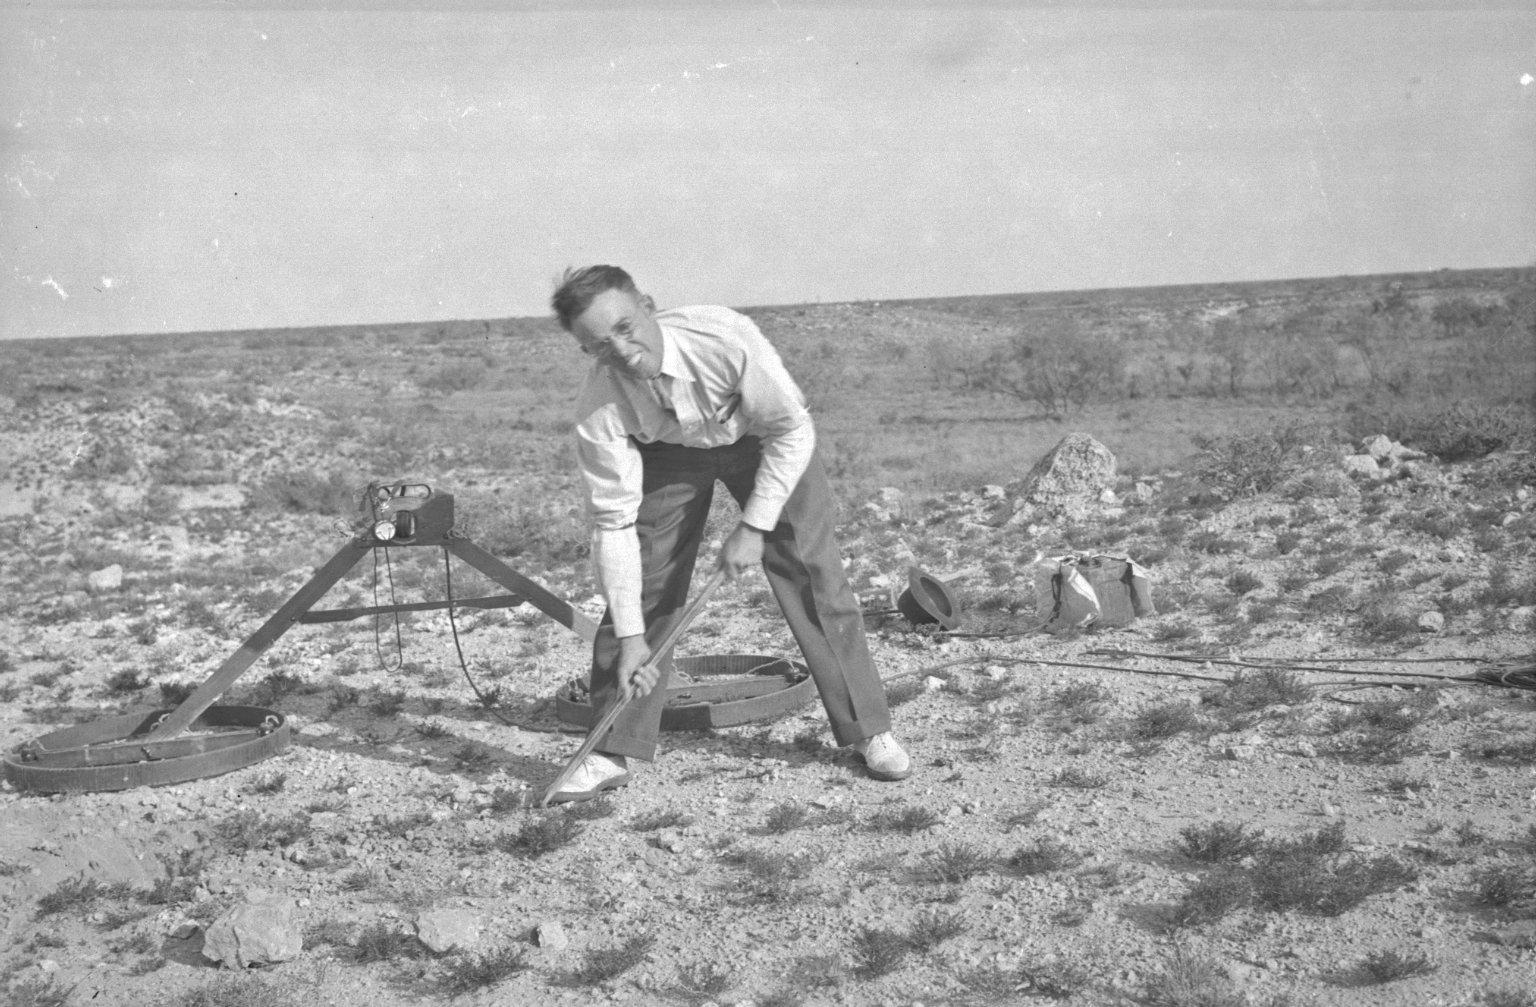 H.H. Nininger digging up a 'find'